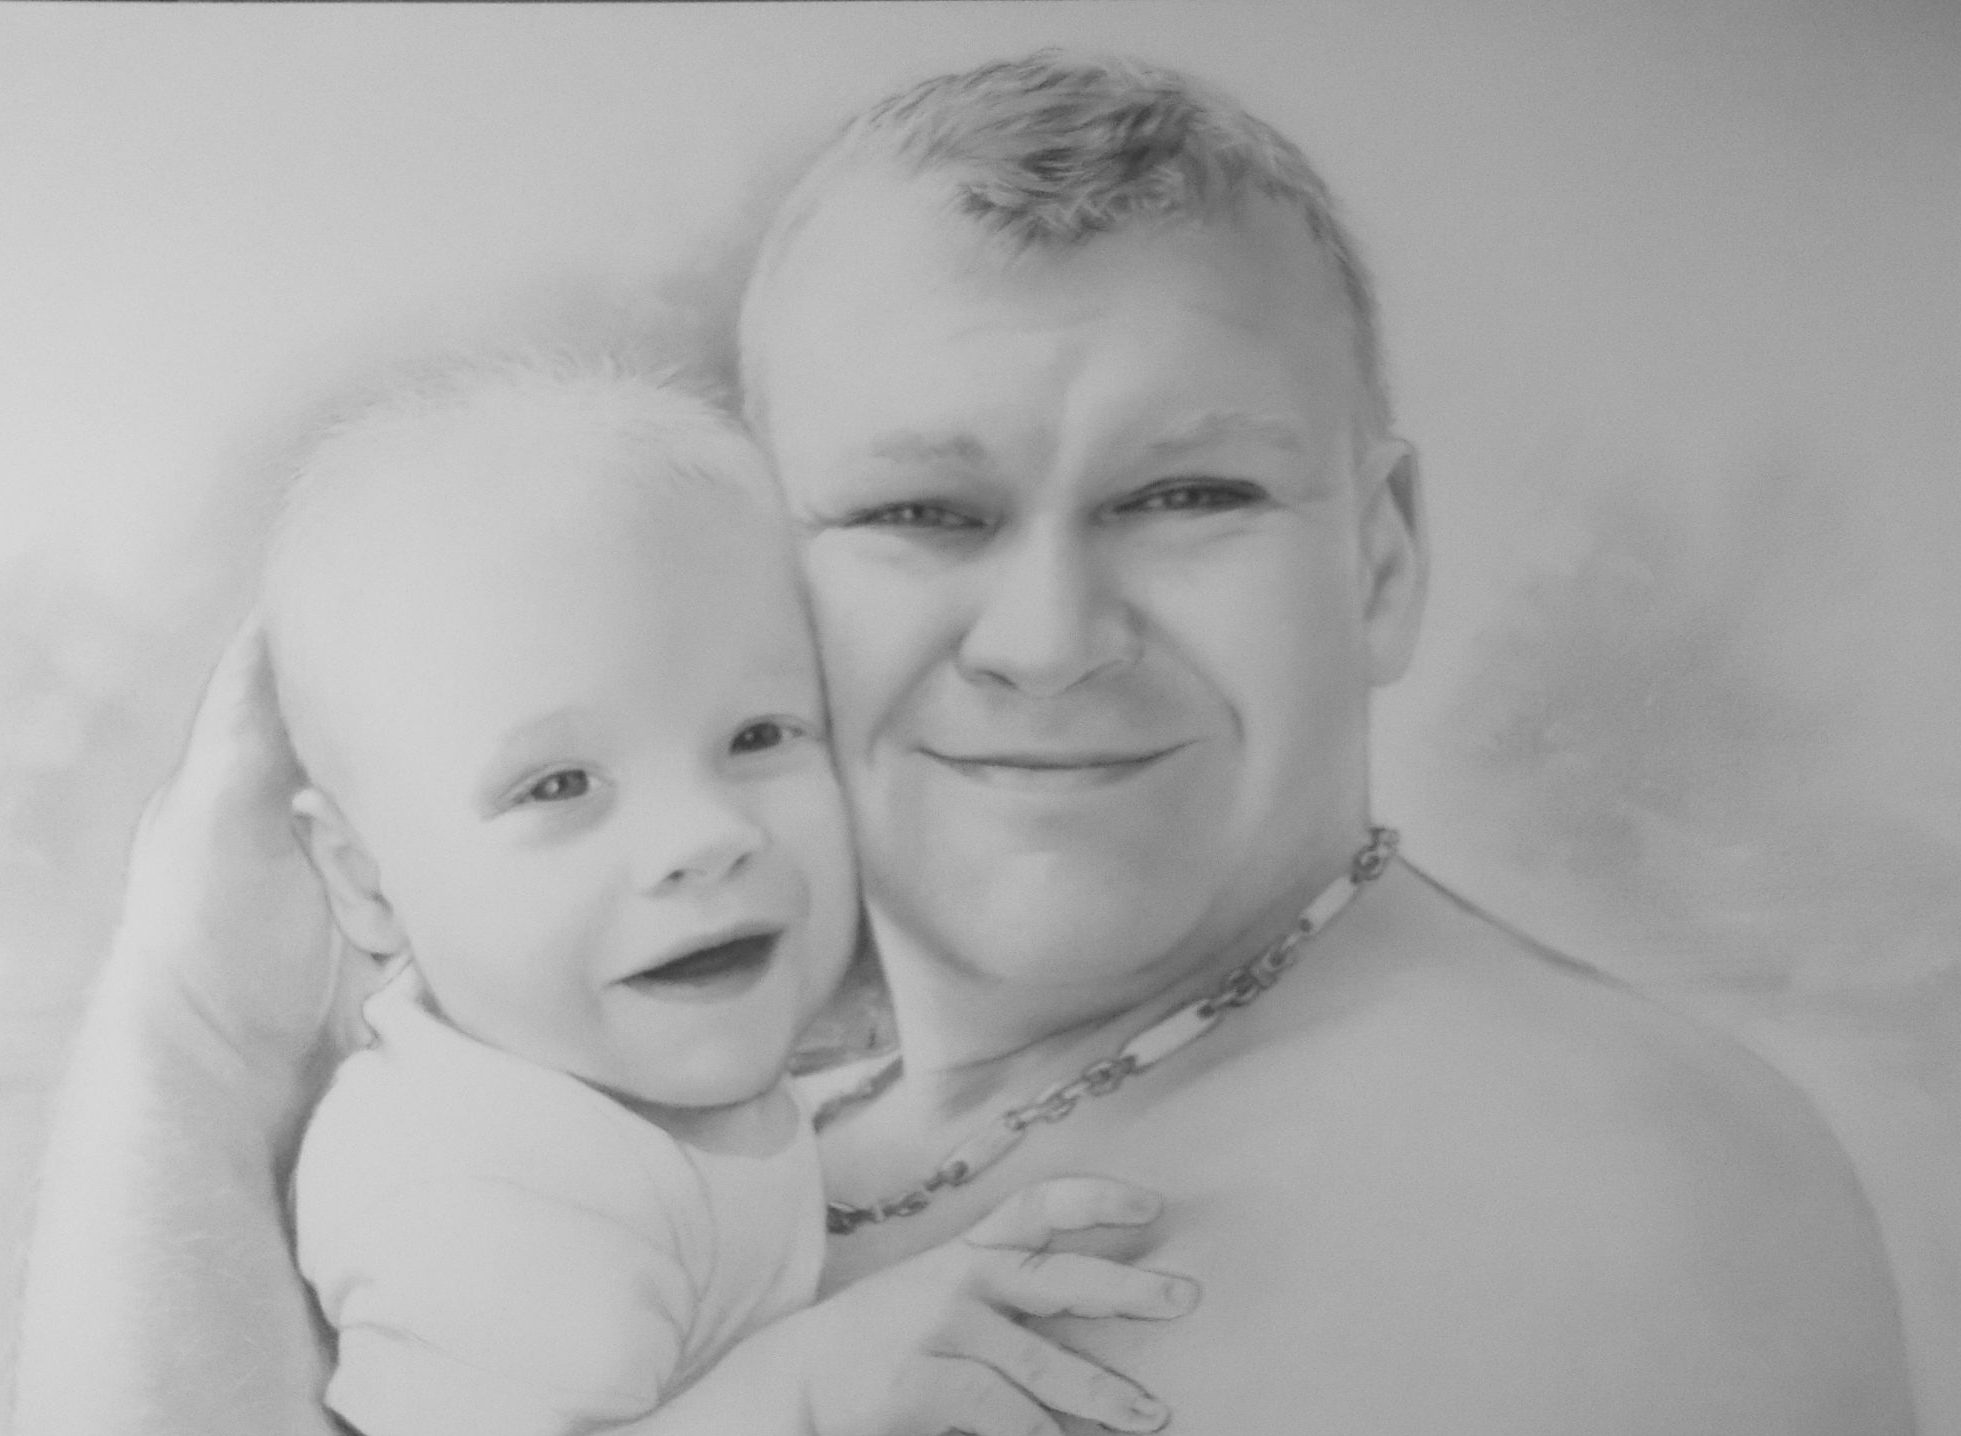 család portré rajz